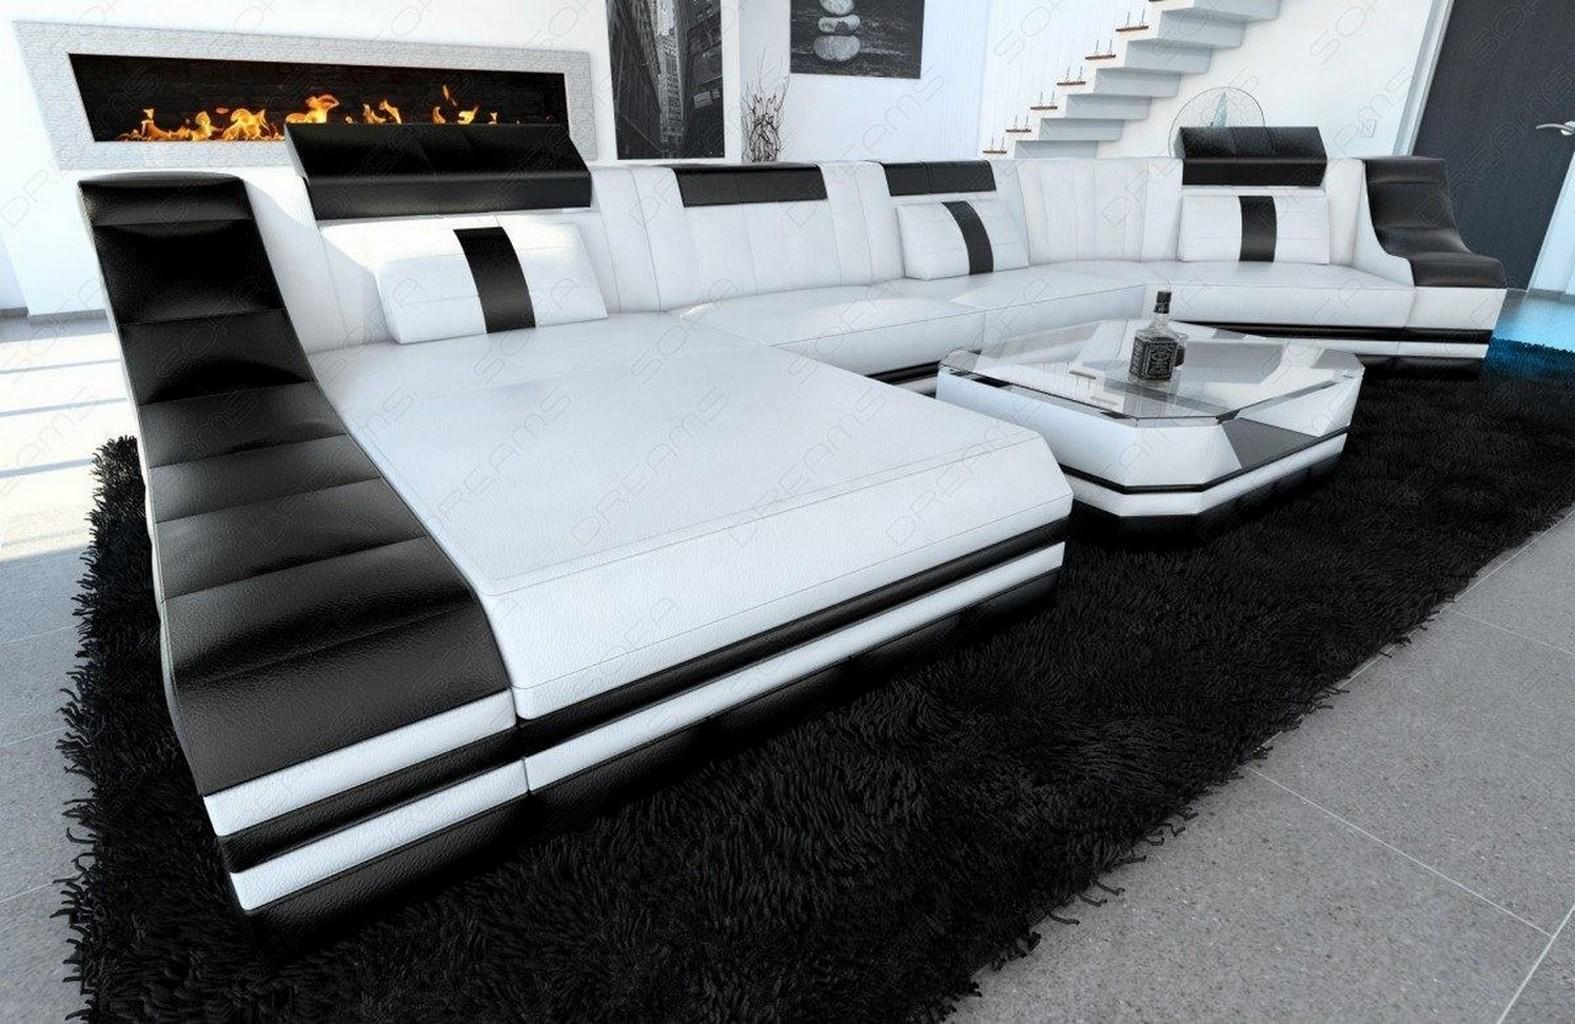 Wohnlandschaft Turino C Form Led Beleuchtung Leder Designer Couch Leder Sofa Ebay